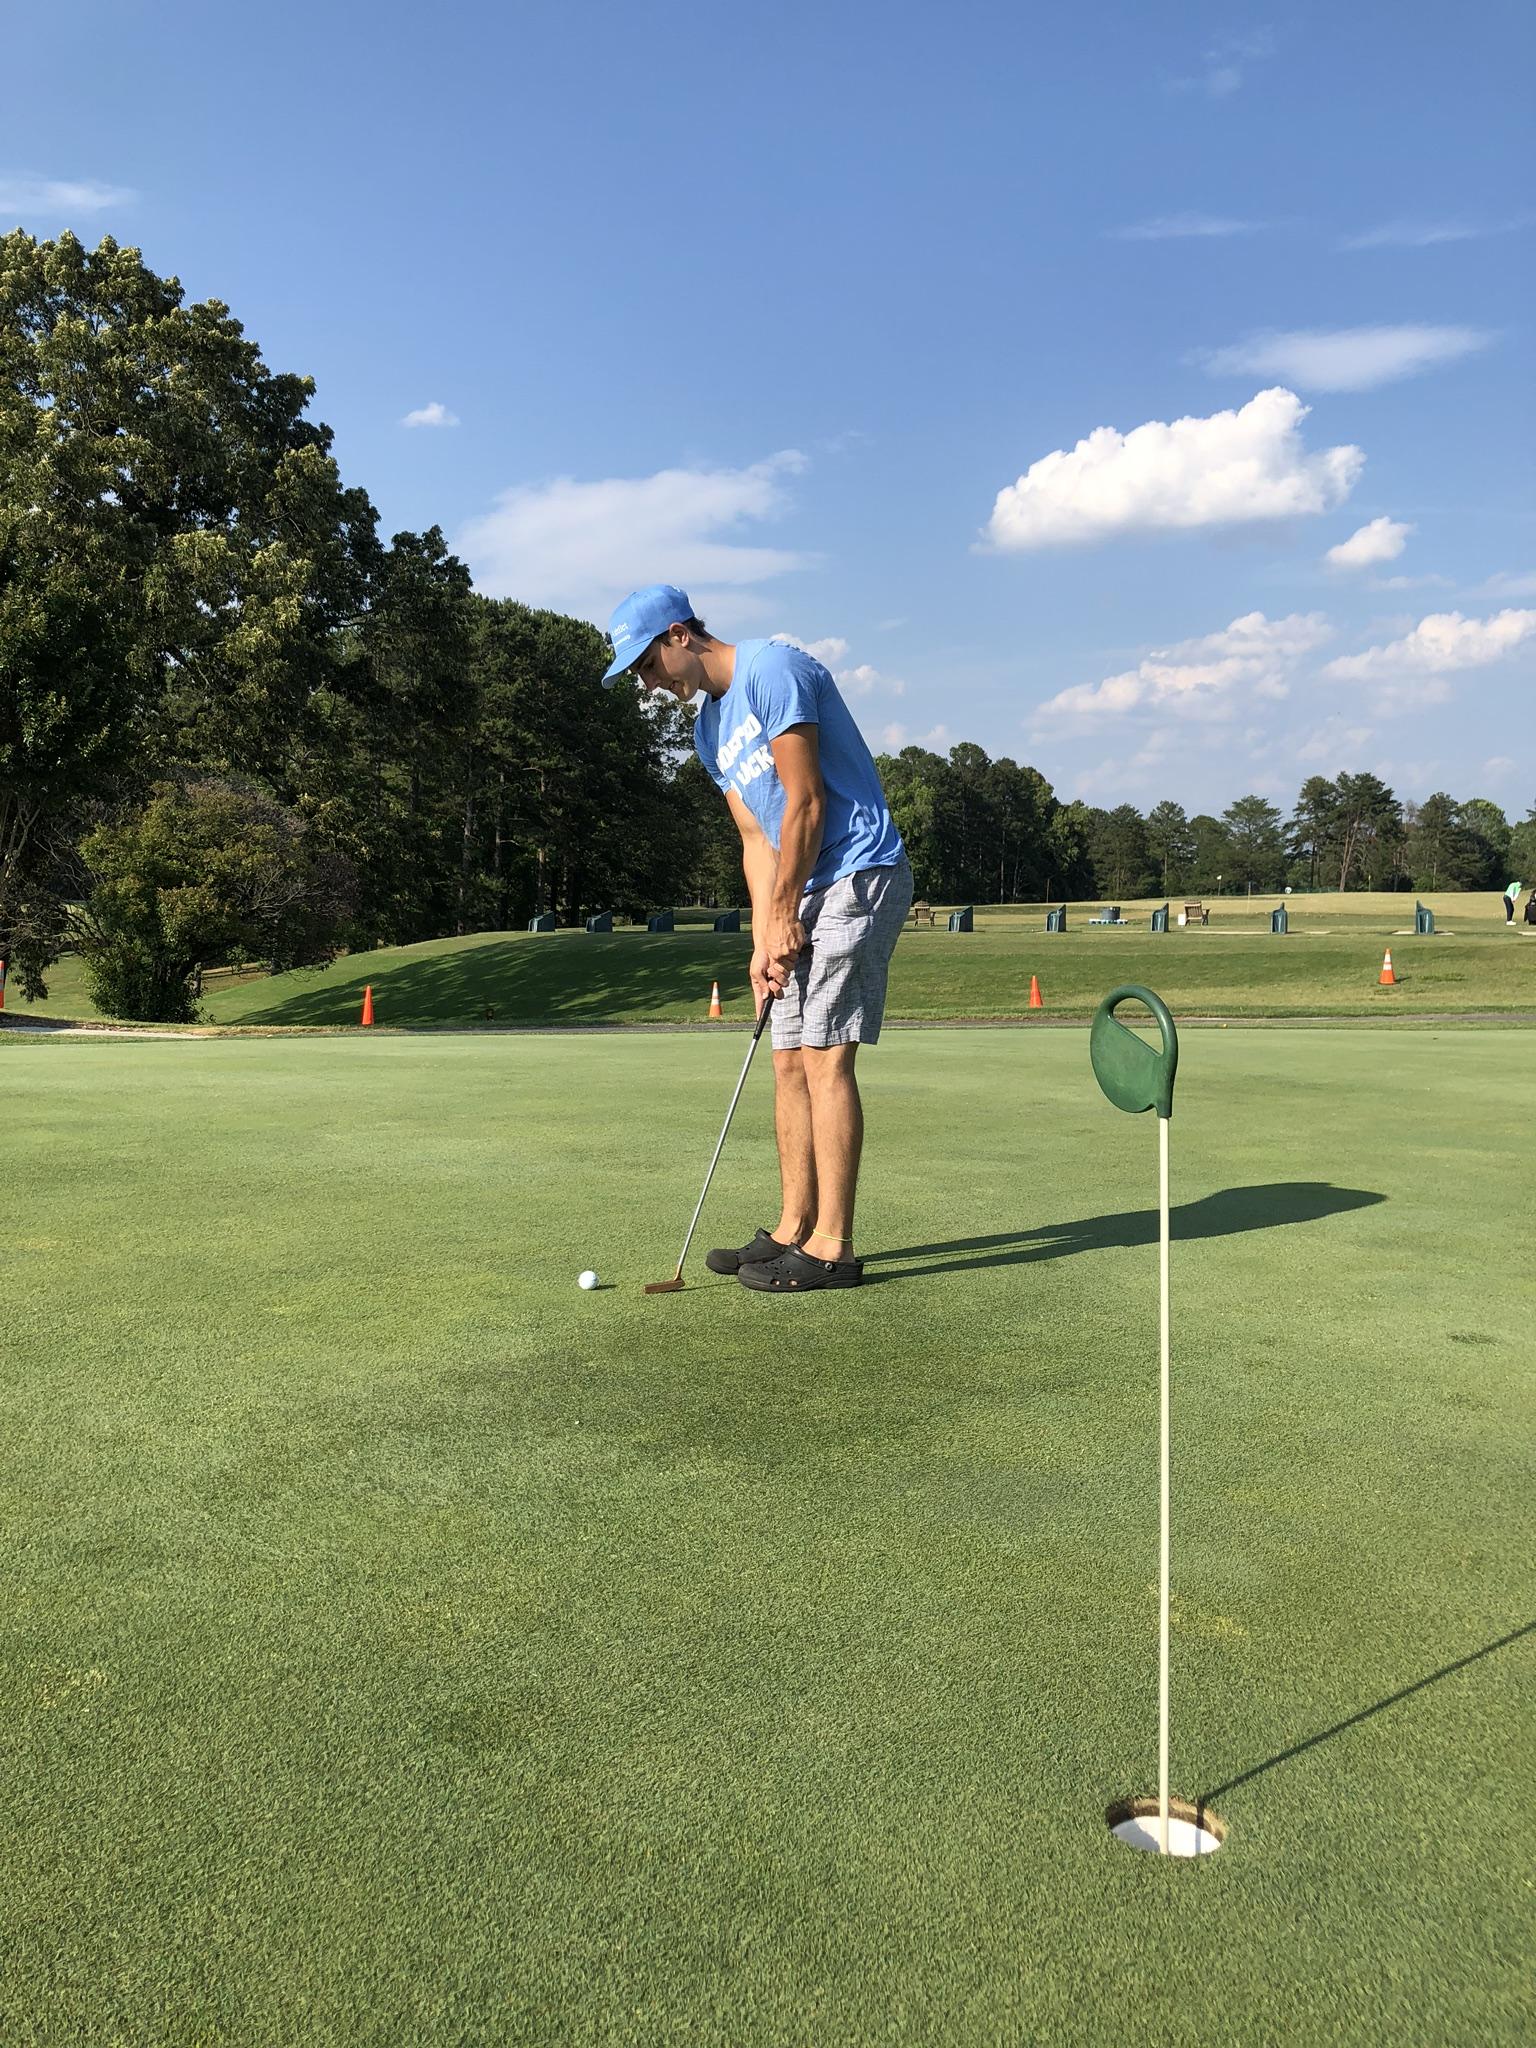 Golfer puts a golf ball on the Oak Hollow Golf Course.